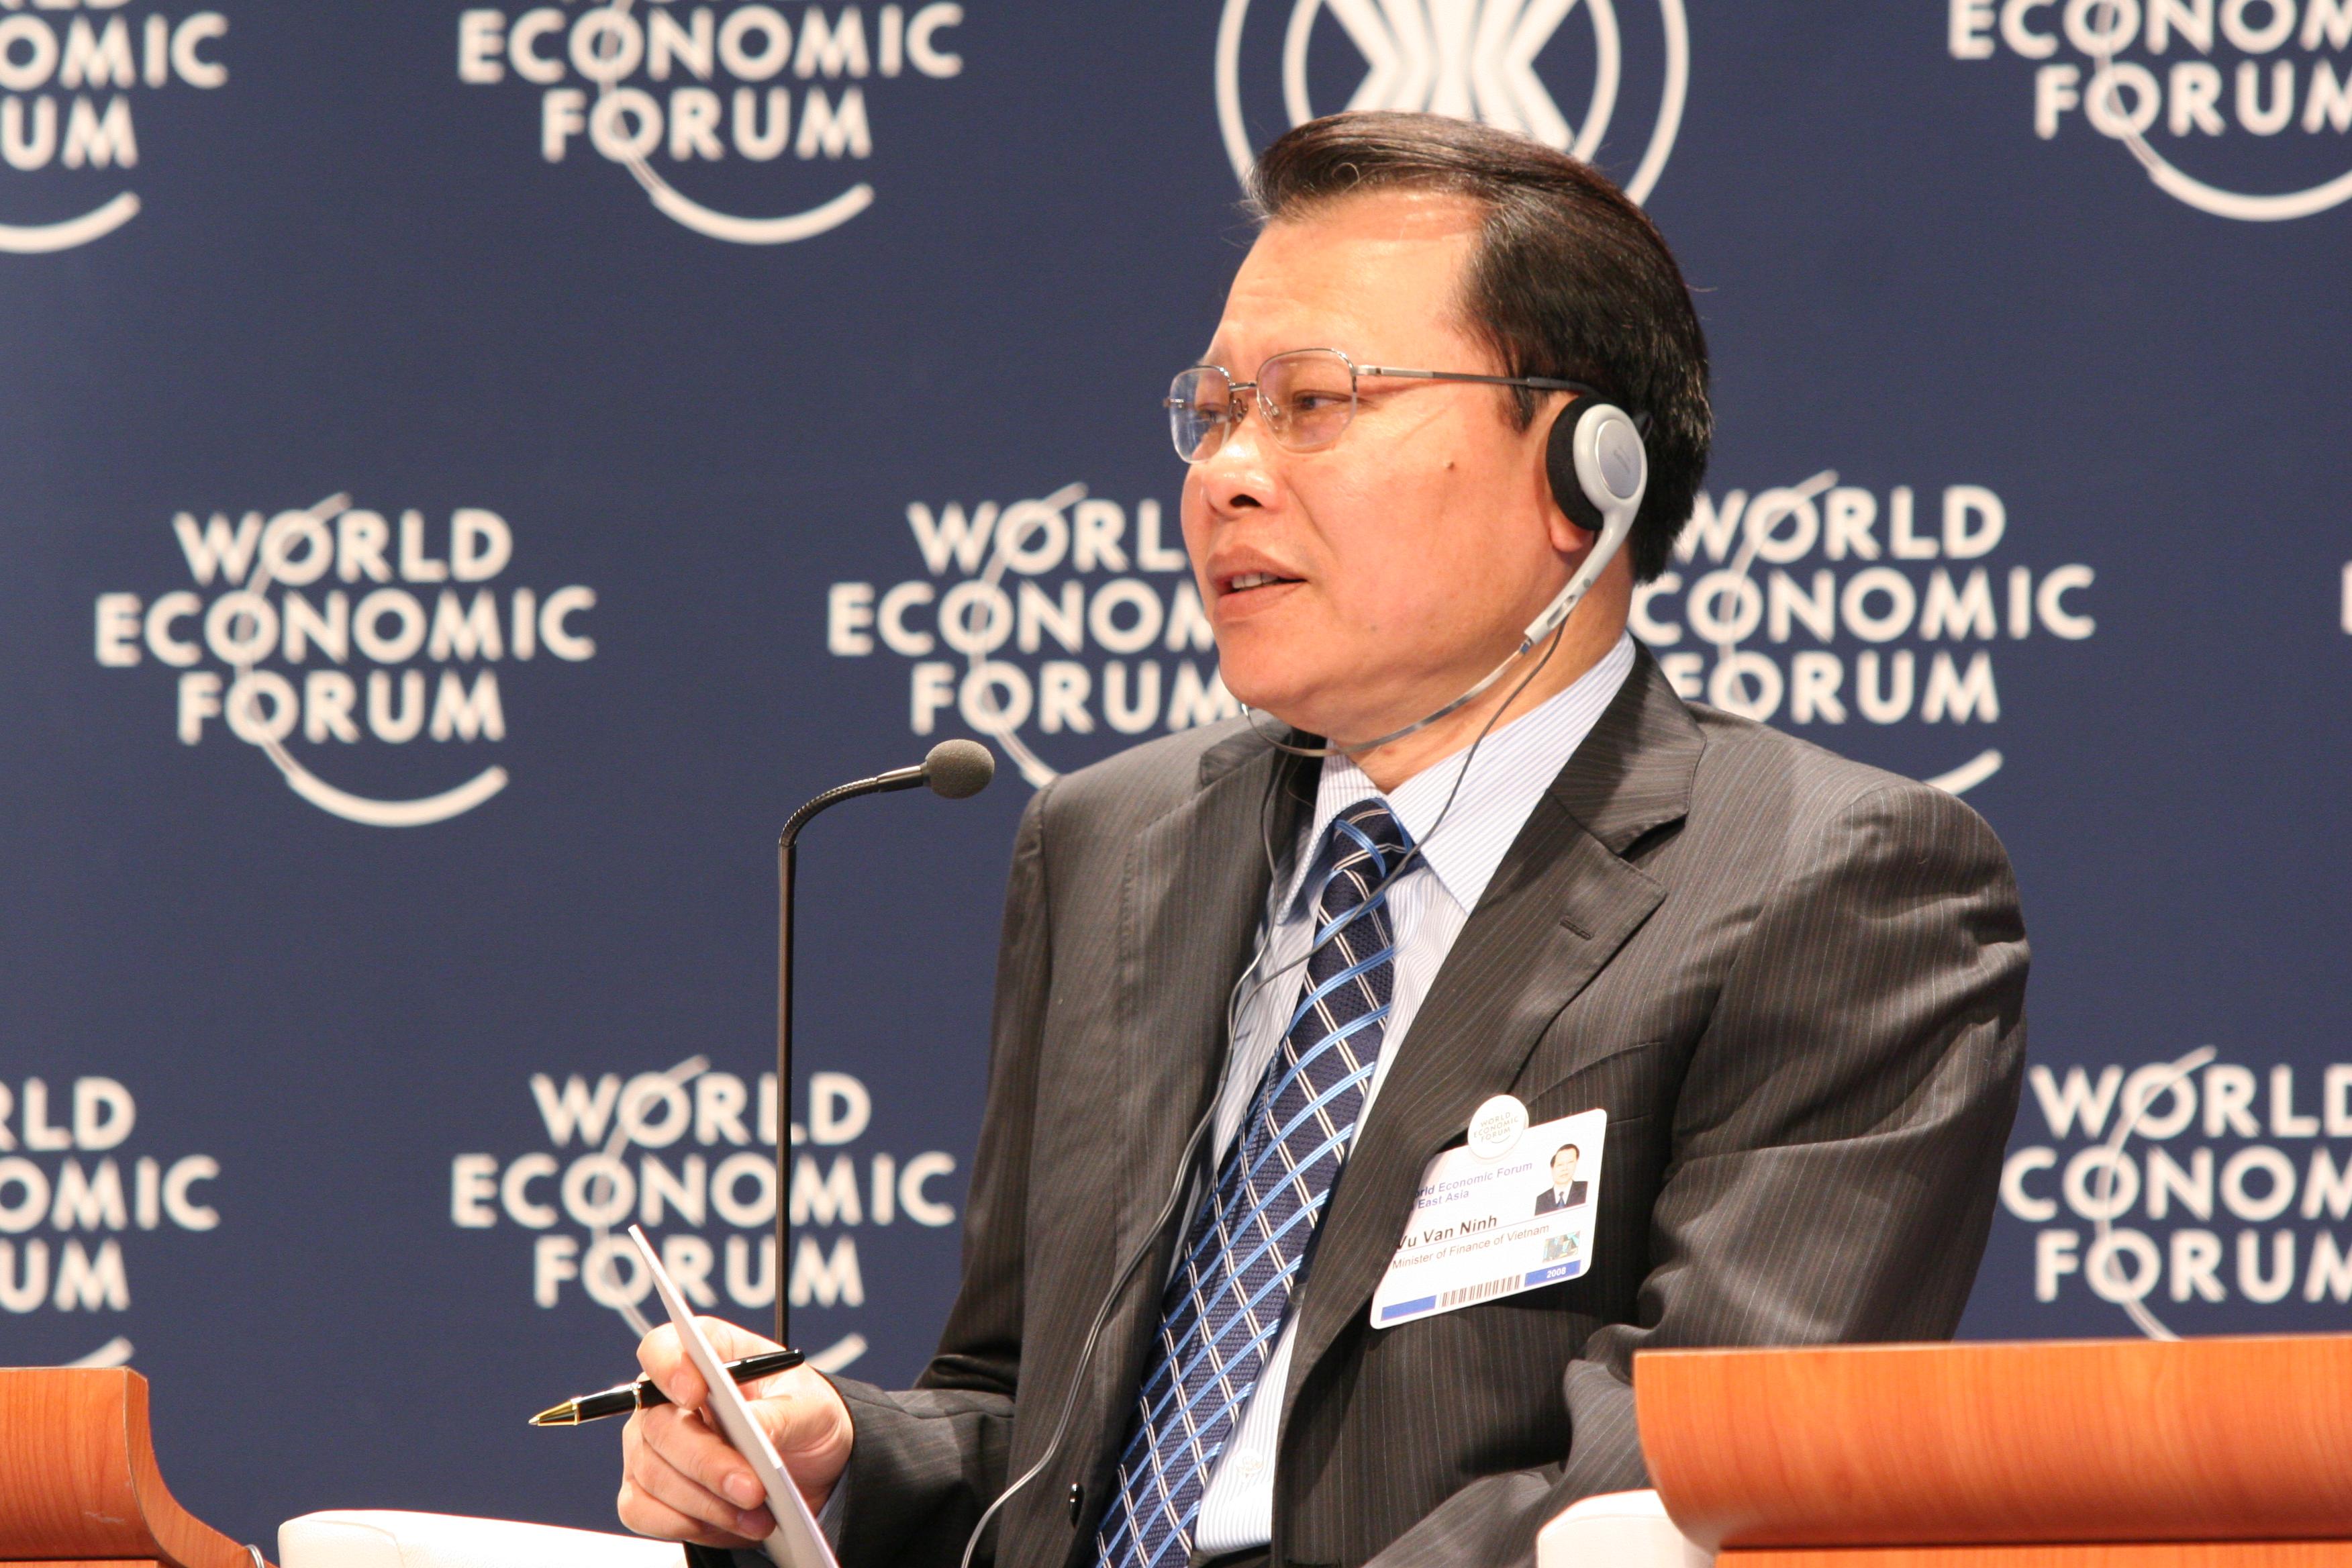 Van Van vu Economic Forum vu Van